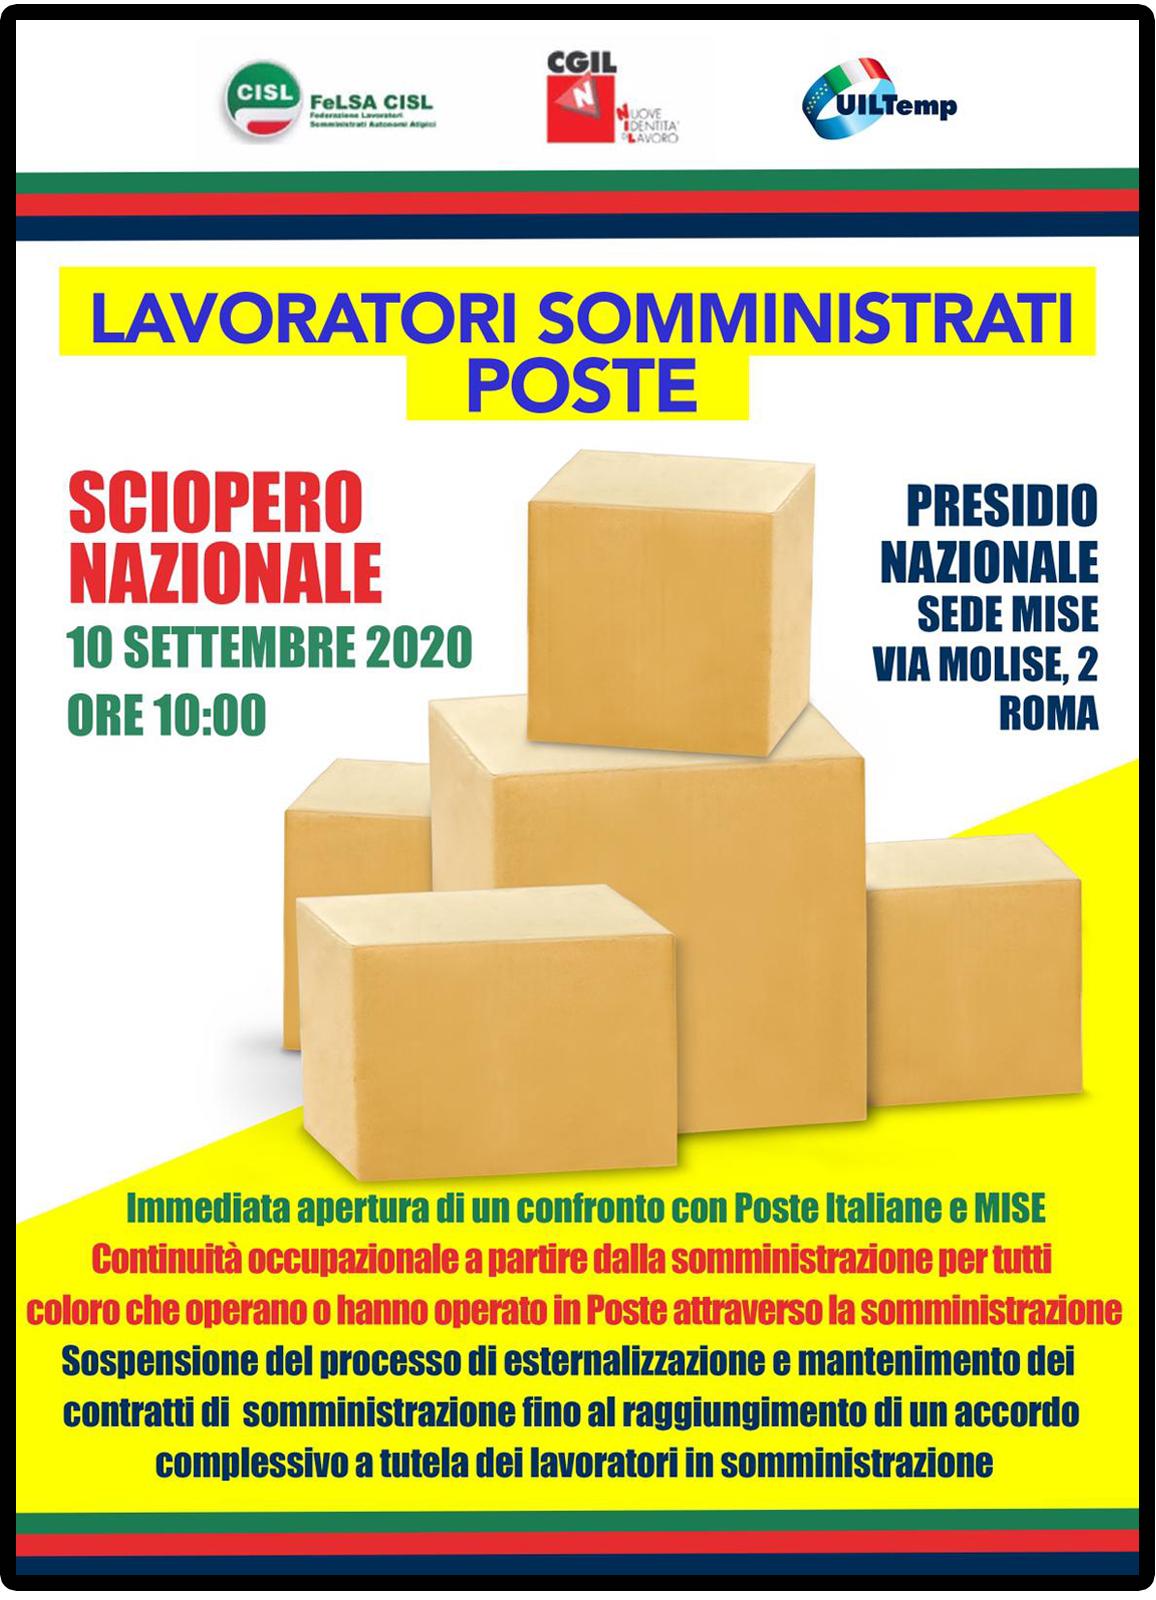 Sciopero somministrati Poste Italiane 10 settembre 2020